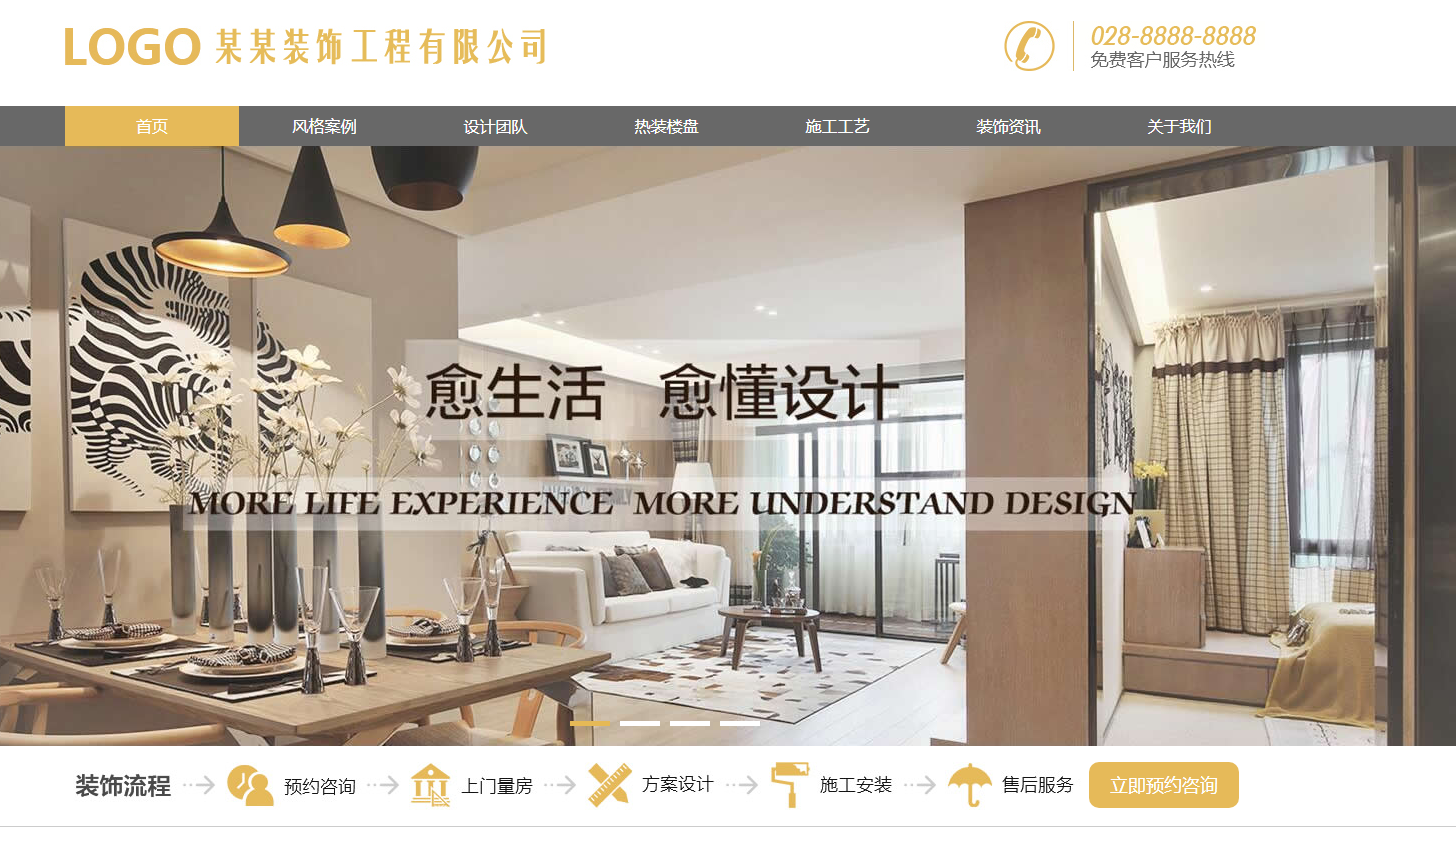 橙色宽屏简洁大气装修装饰室内设计公司企业网站模板